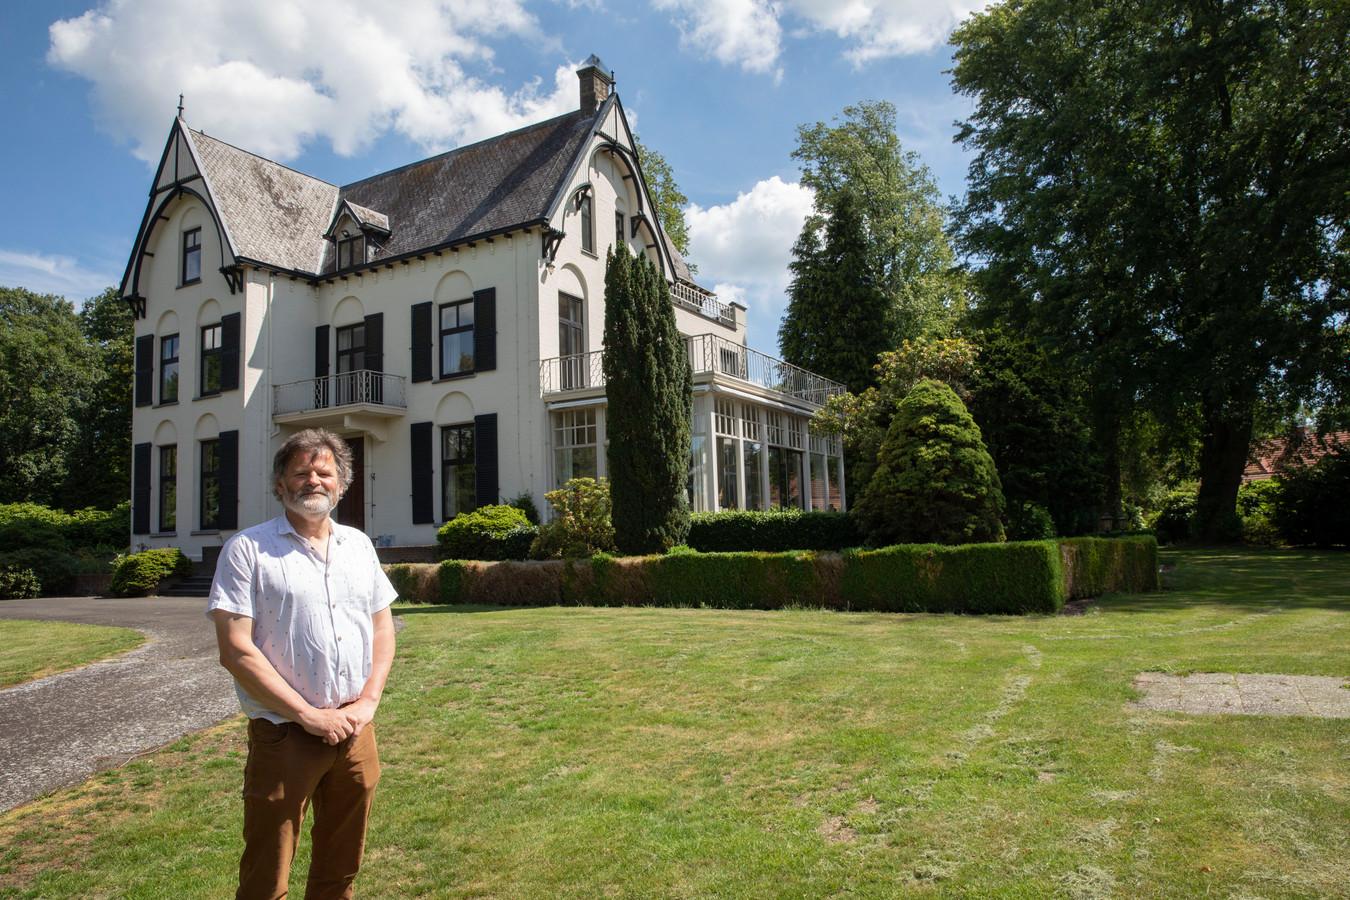 Henk van de Mortel bij de voormalige villa van de familie Van de Griendt in Griendtsveen.